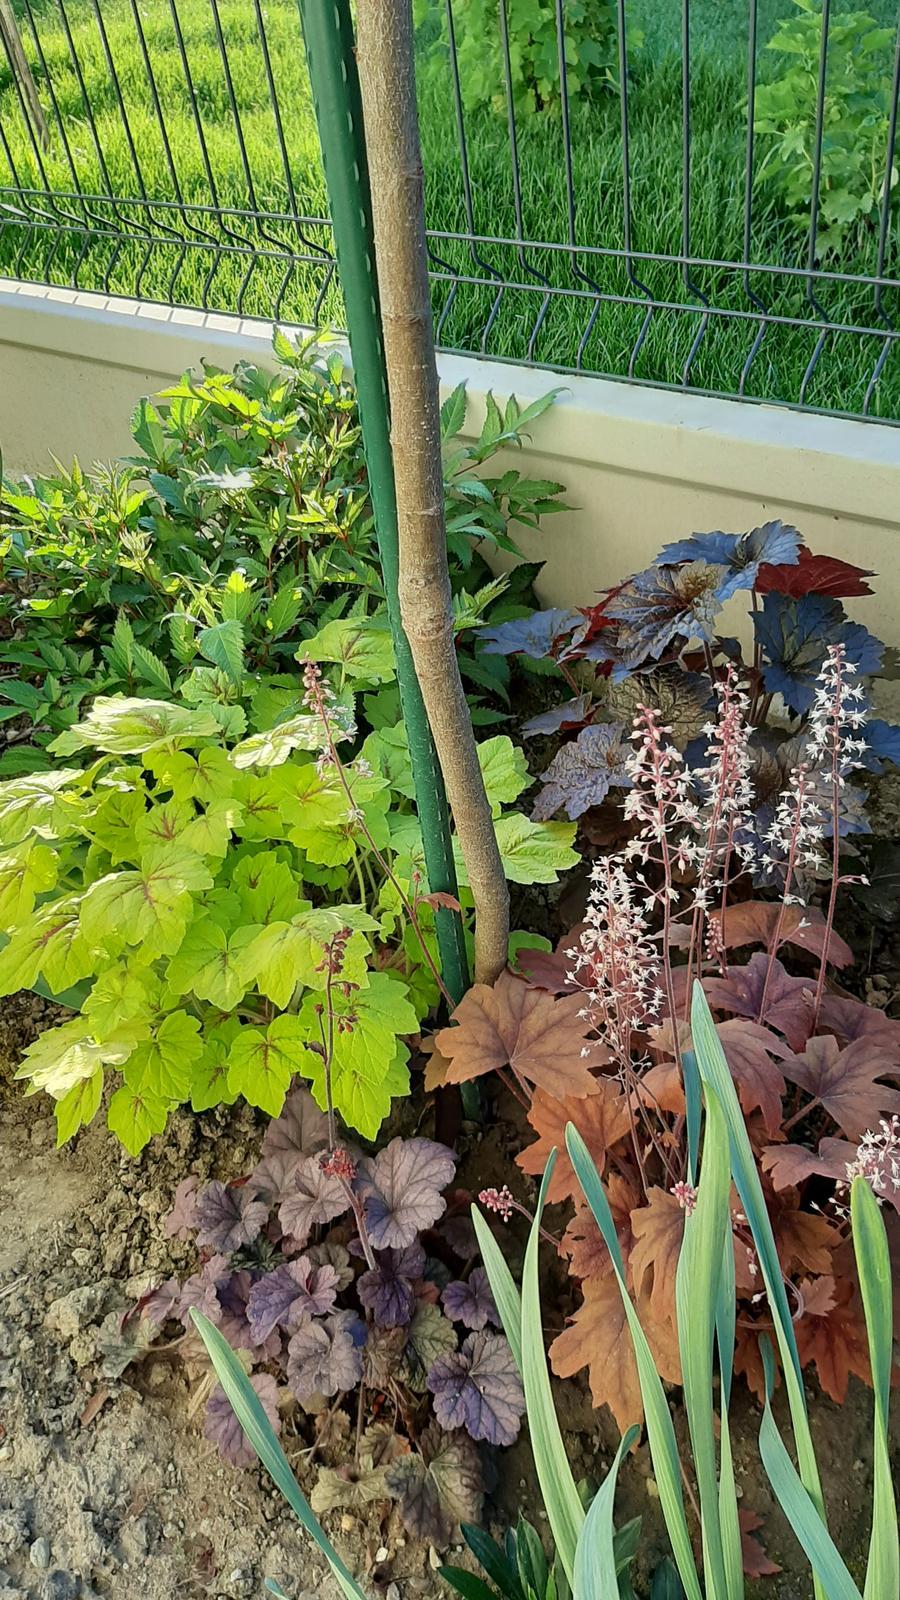 🏠🌞🌺❤🌷 Zahrada a jej dalsi rok...2020 🌱🐞🐛🦋🍓🥕🍅🌺❤ - Heuchery a vzadu astilbe.